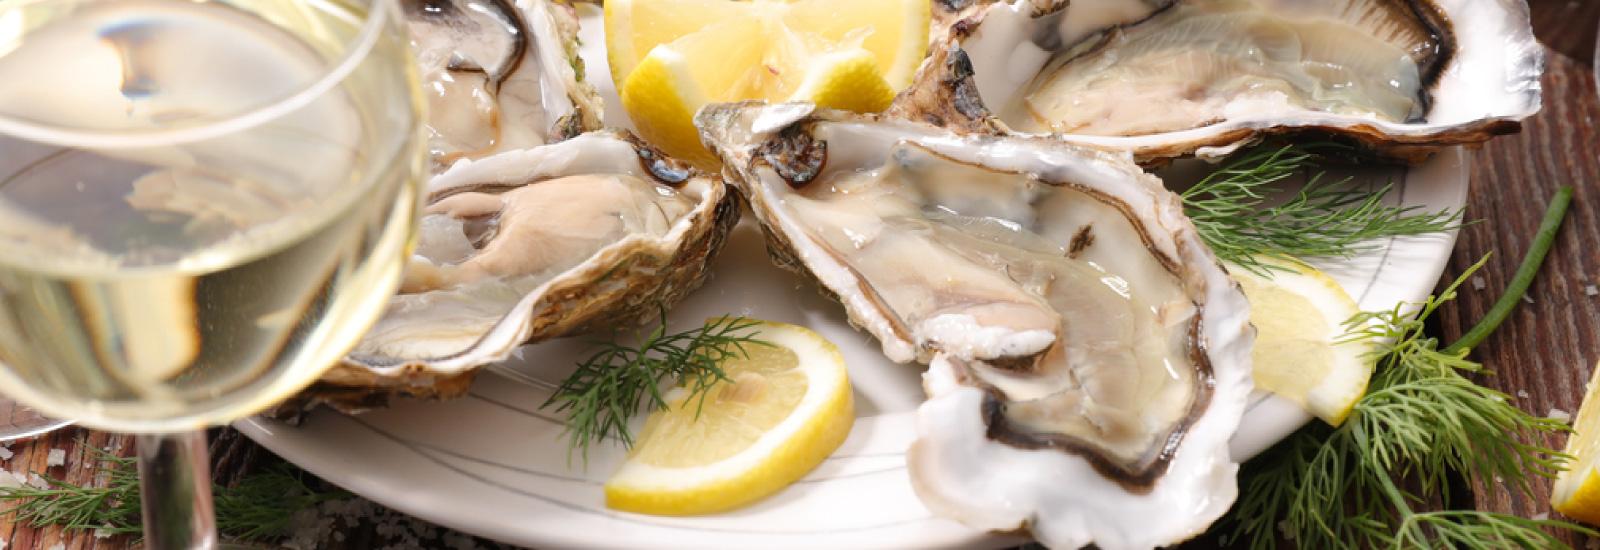 Yelp's Top 5 Newport, RI Restaurants